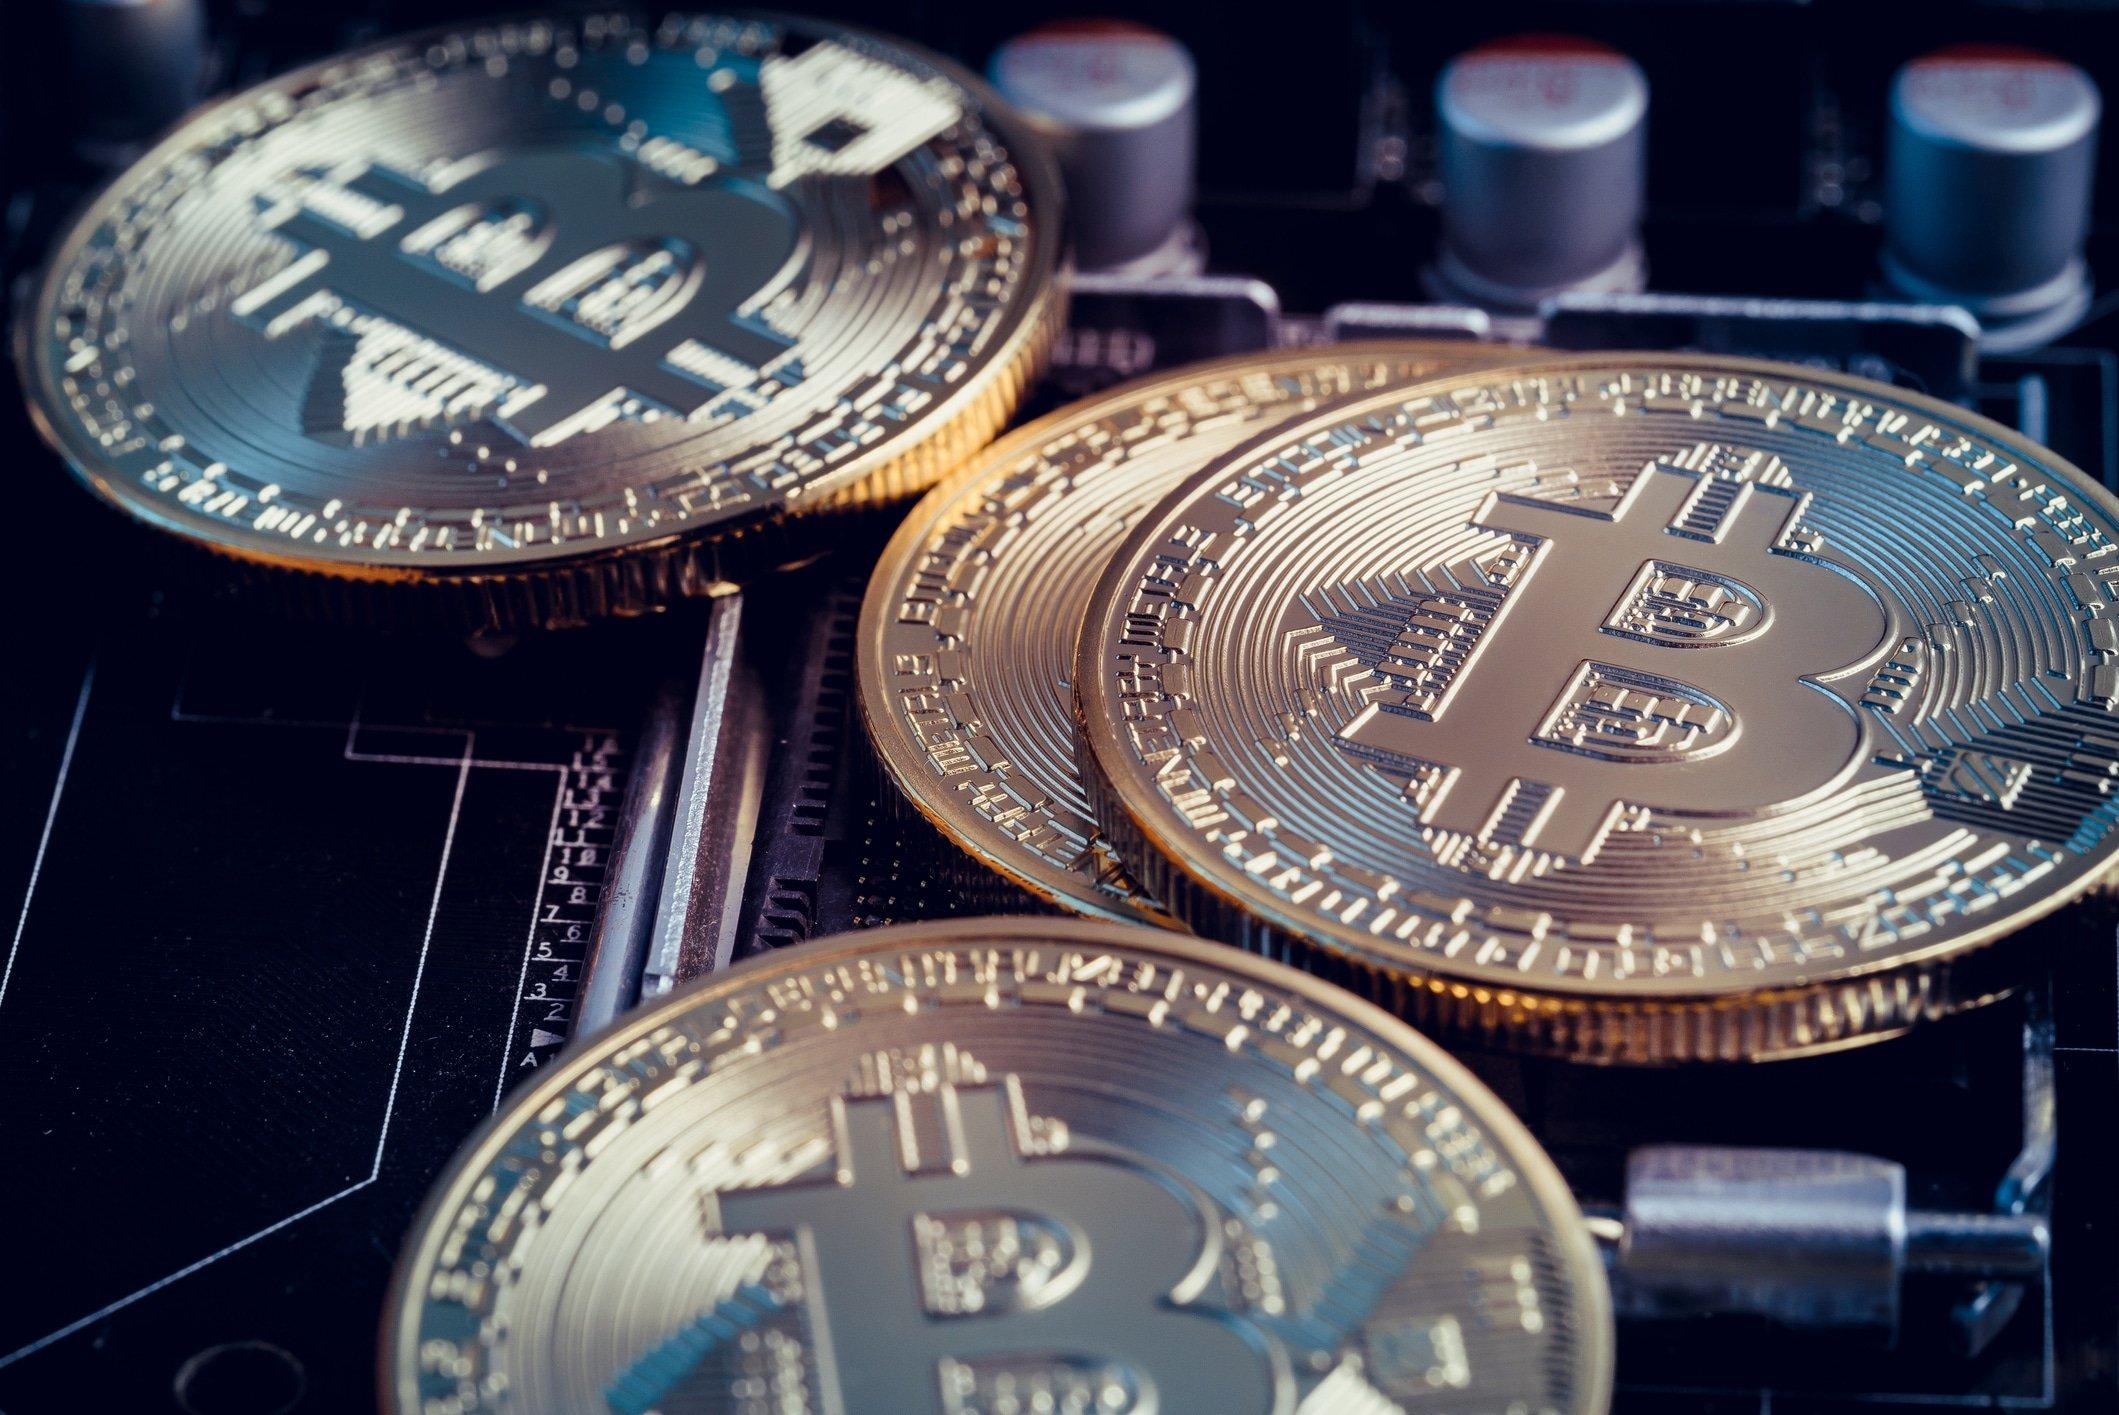 Valor da bitcoin pode chegar a quase R$ 800 mil, diz JPMorgan